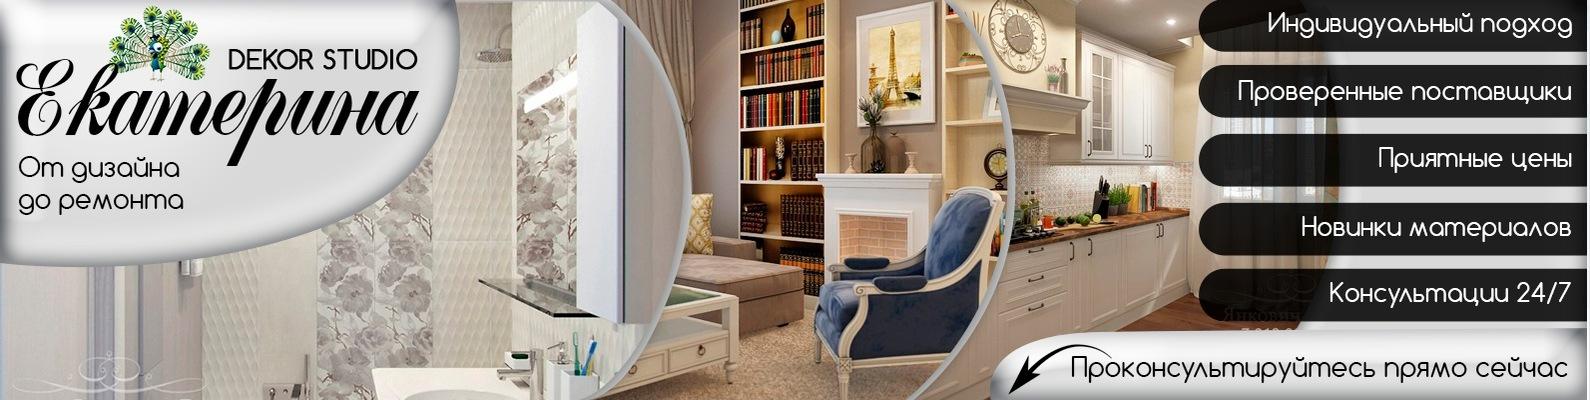 уральская мебель отделочные материалы выдает лицензии